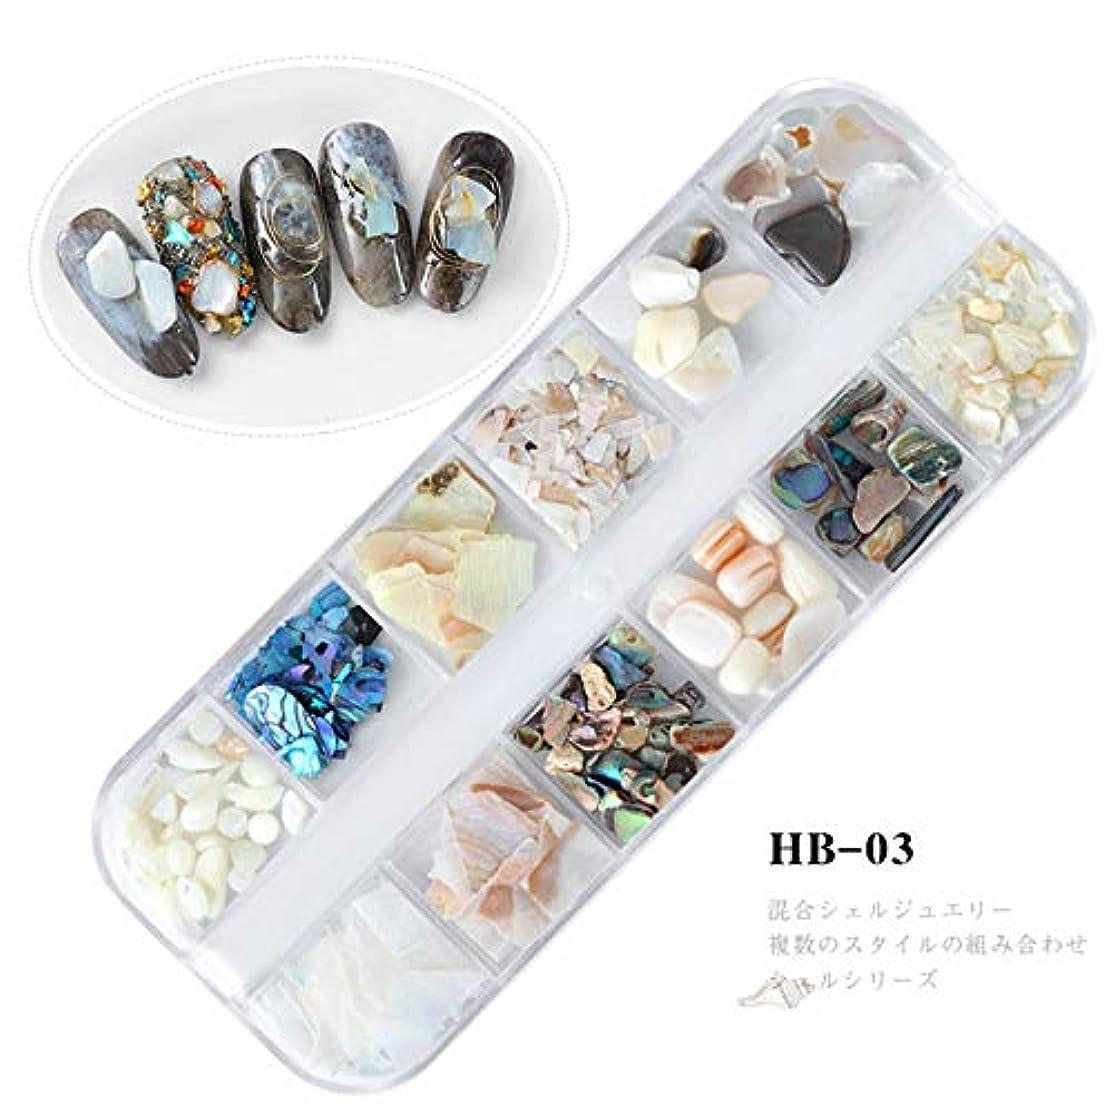 抽象ガチョウ復活する1箱ミックス自然の海シェルアワビのスライスグラデーション砕石3Dネイルアートの装飾UVジェルデザインマニキュアアクセサリー,3